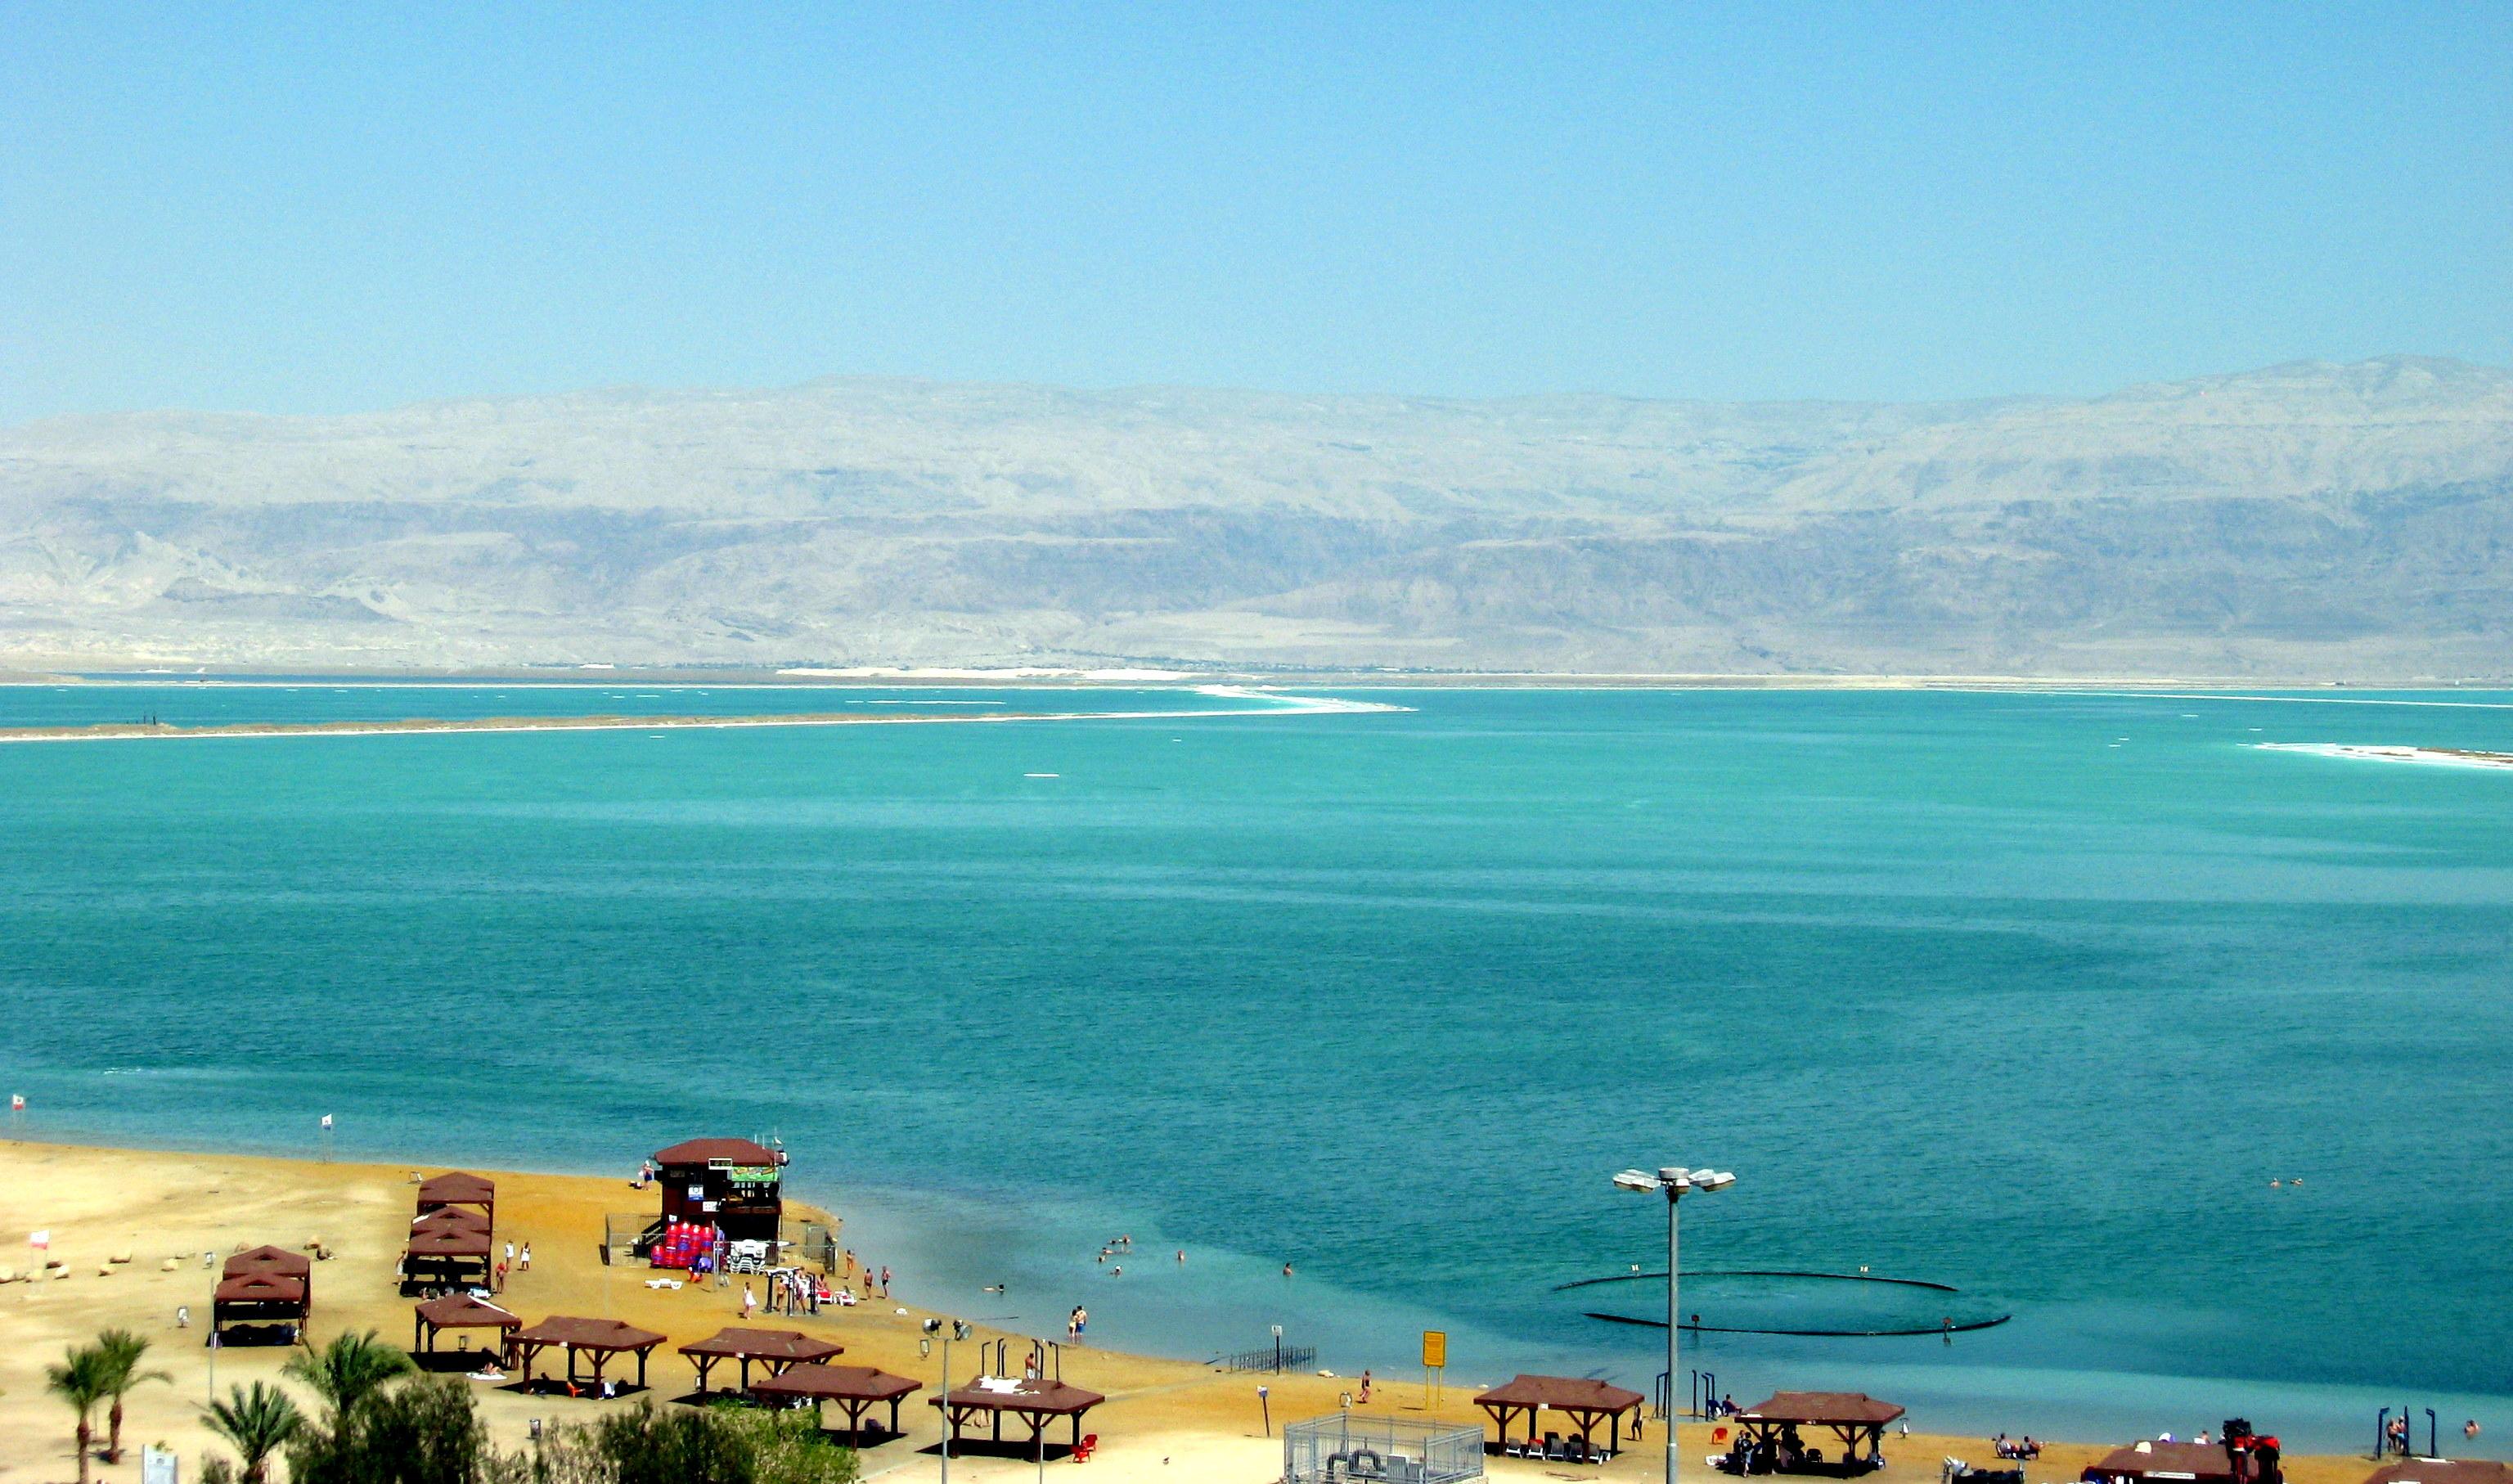 Дикий пляж на Черном море - фото